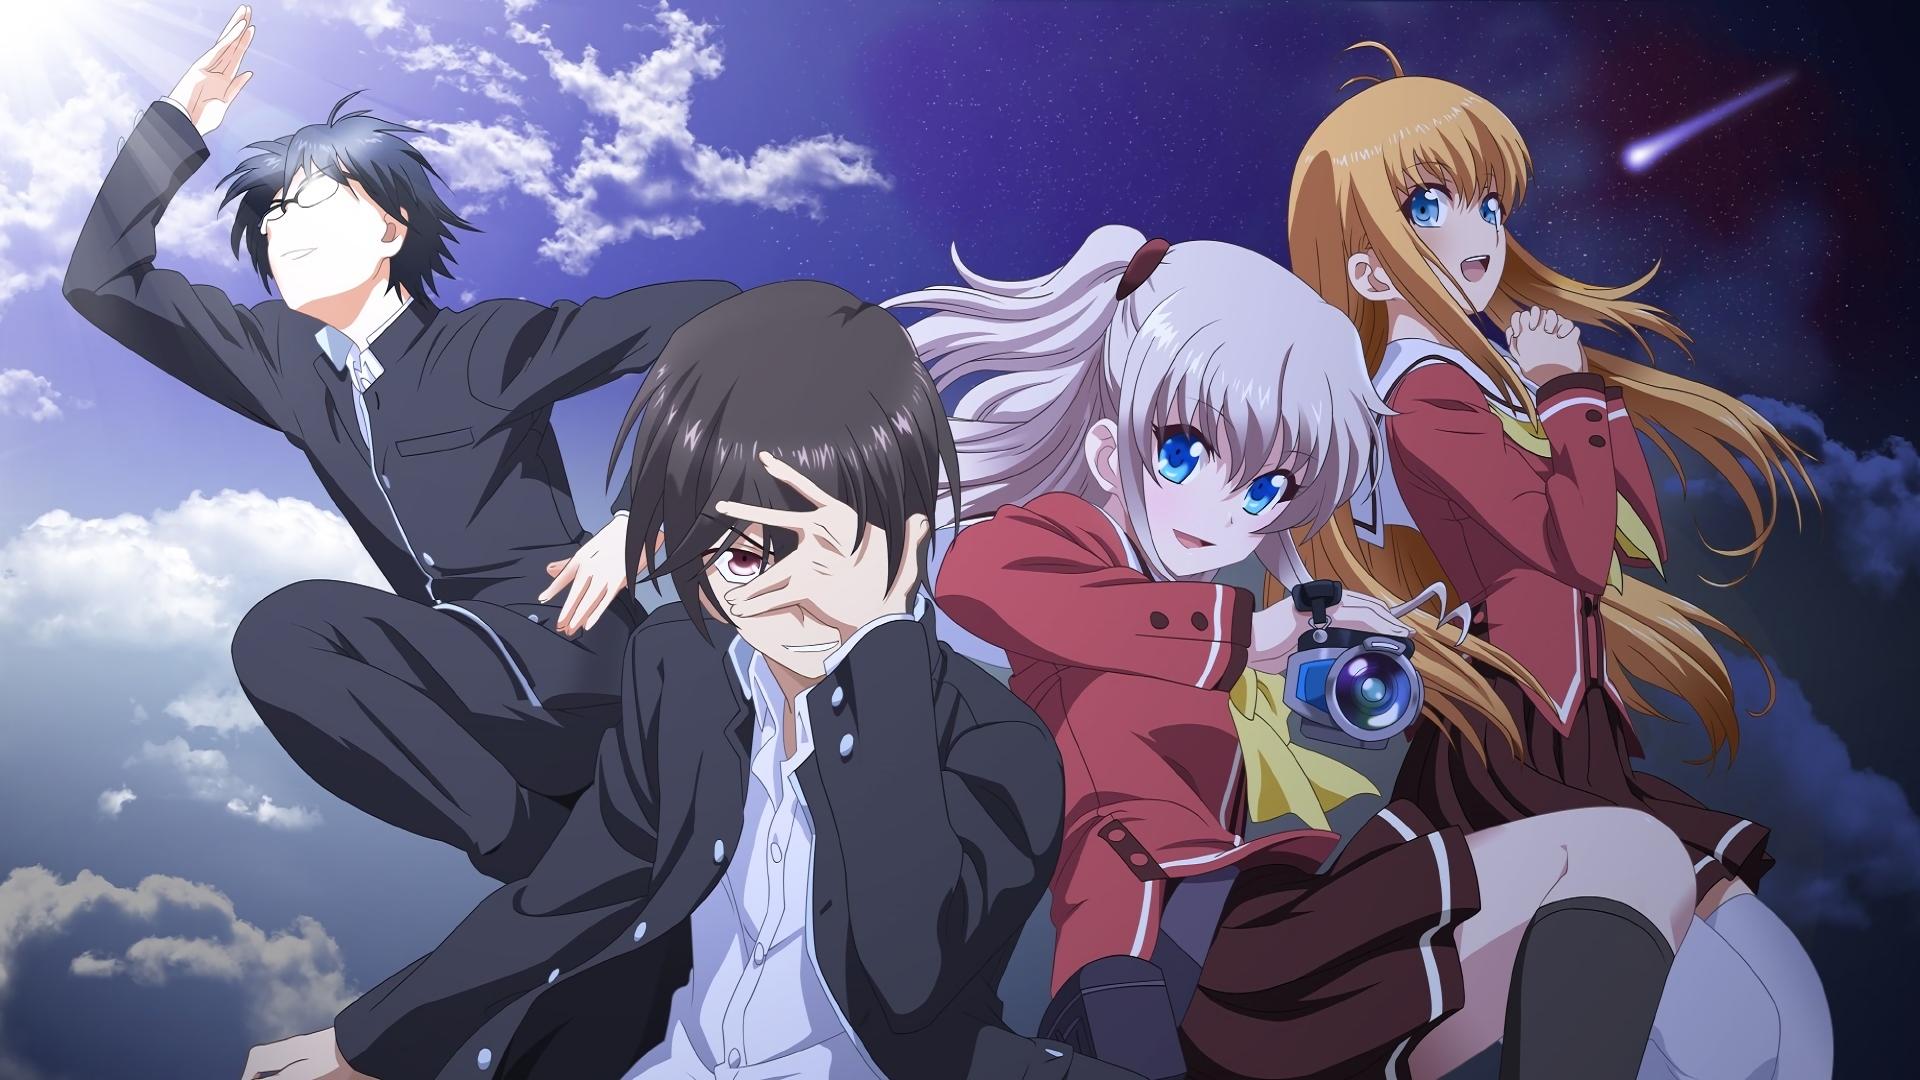 Anime Charlotte Nao Tomori Yū Otosaka Yusa Kurobane Joujirou Takajou Wallpaper